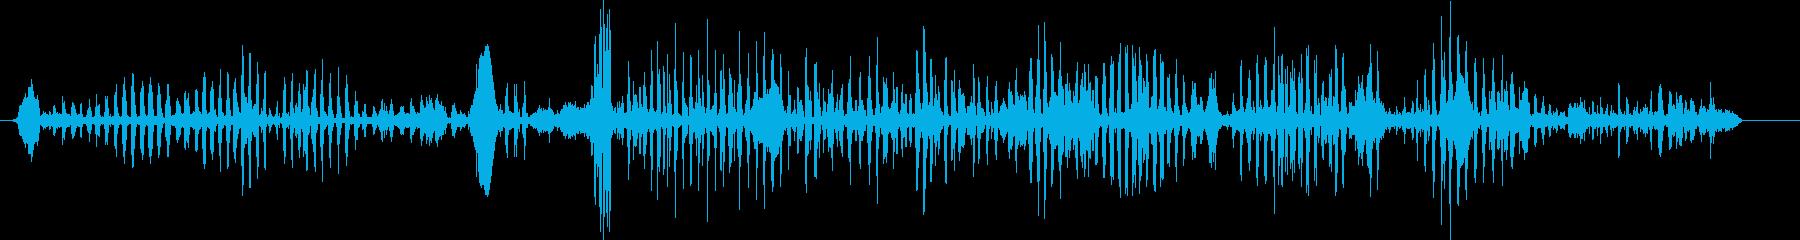 アザラシ、ケープファーバークス。バ...の再生済みの波形